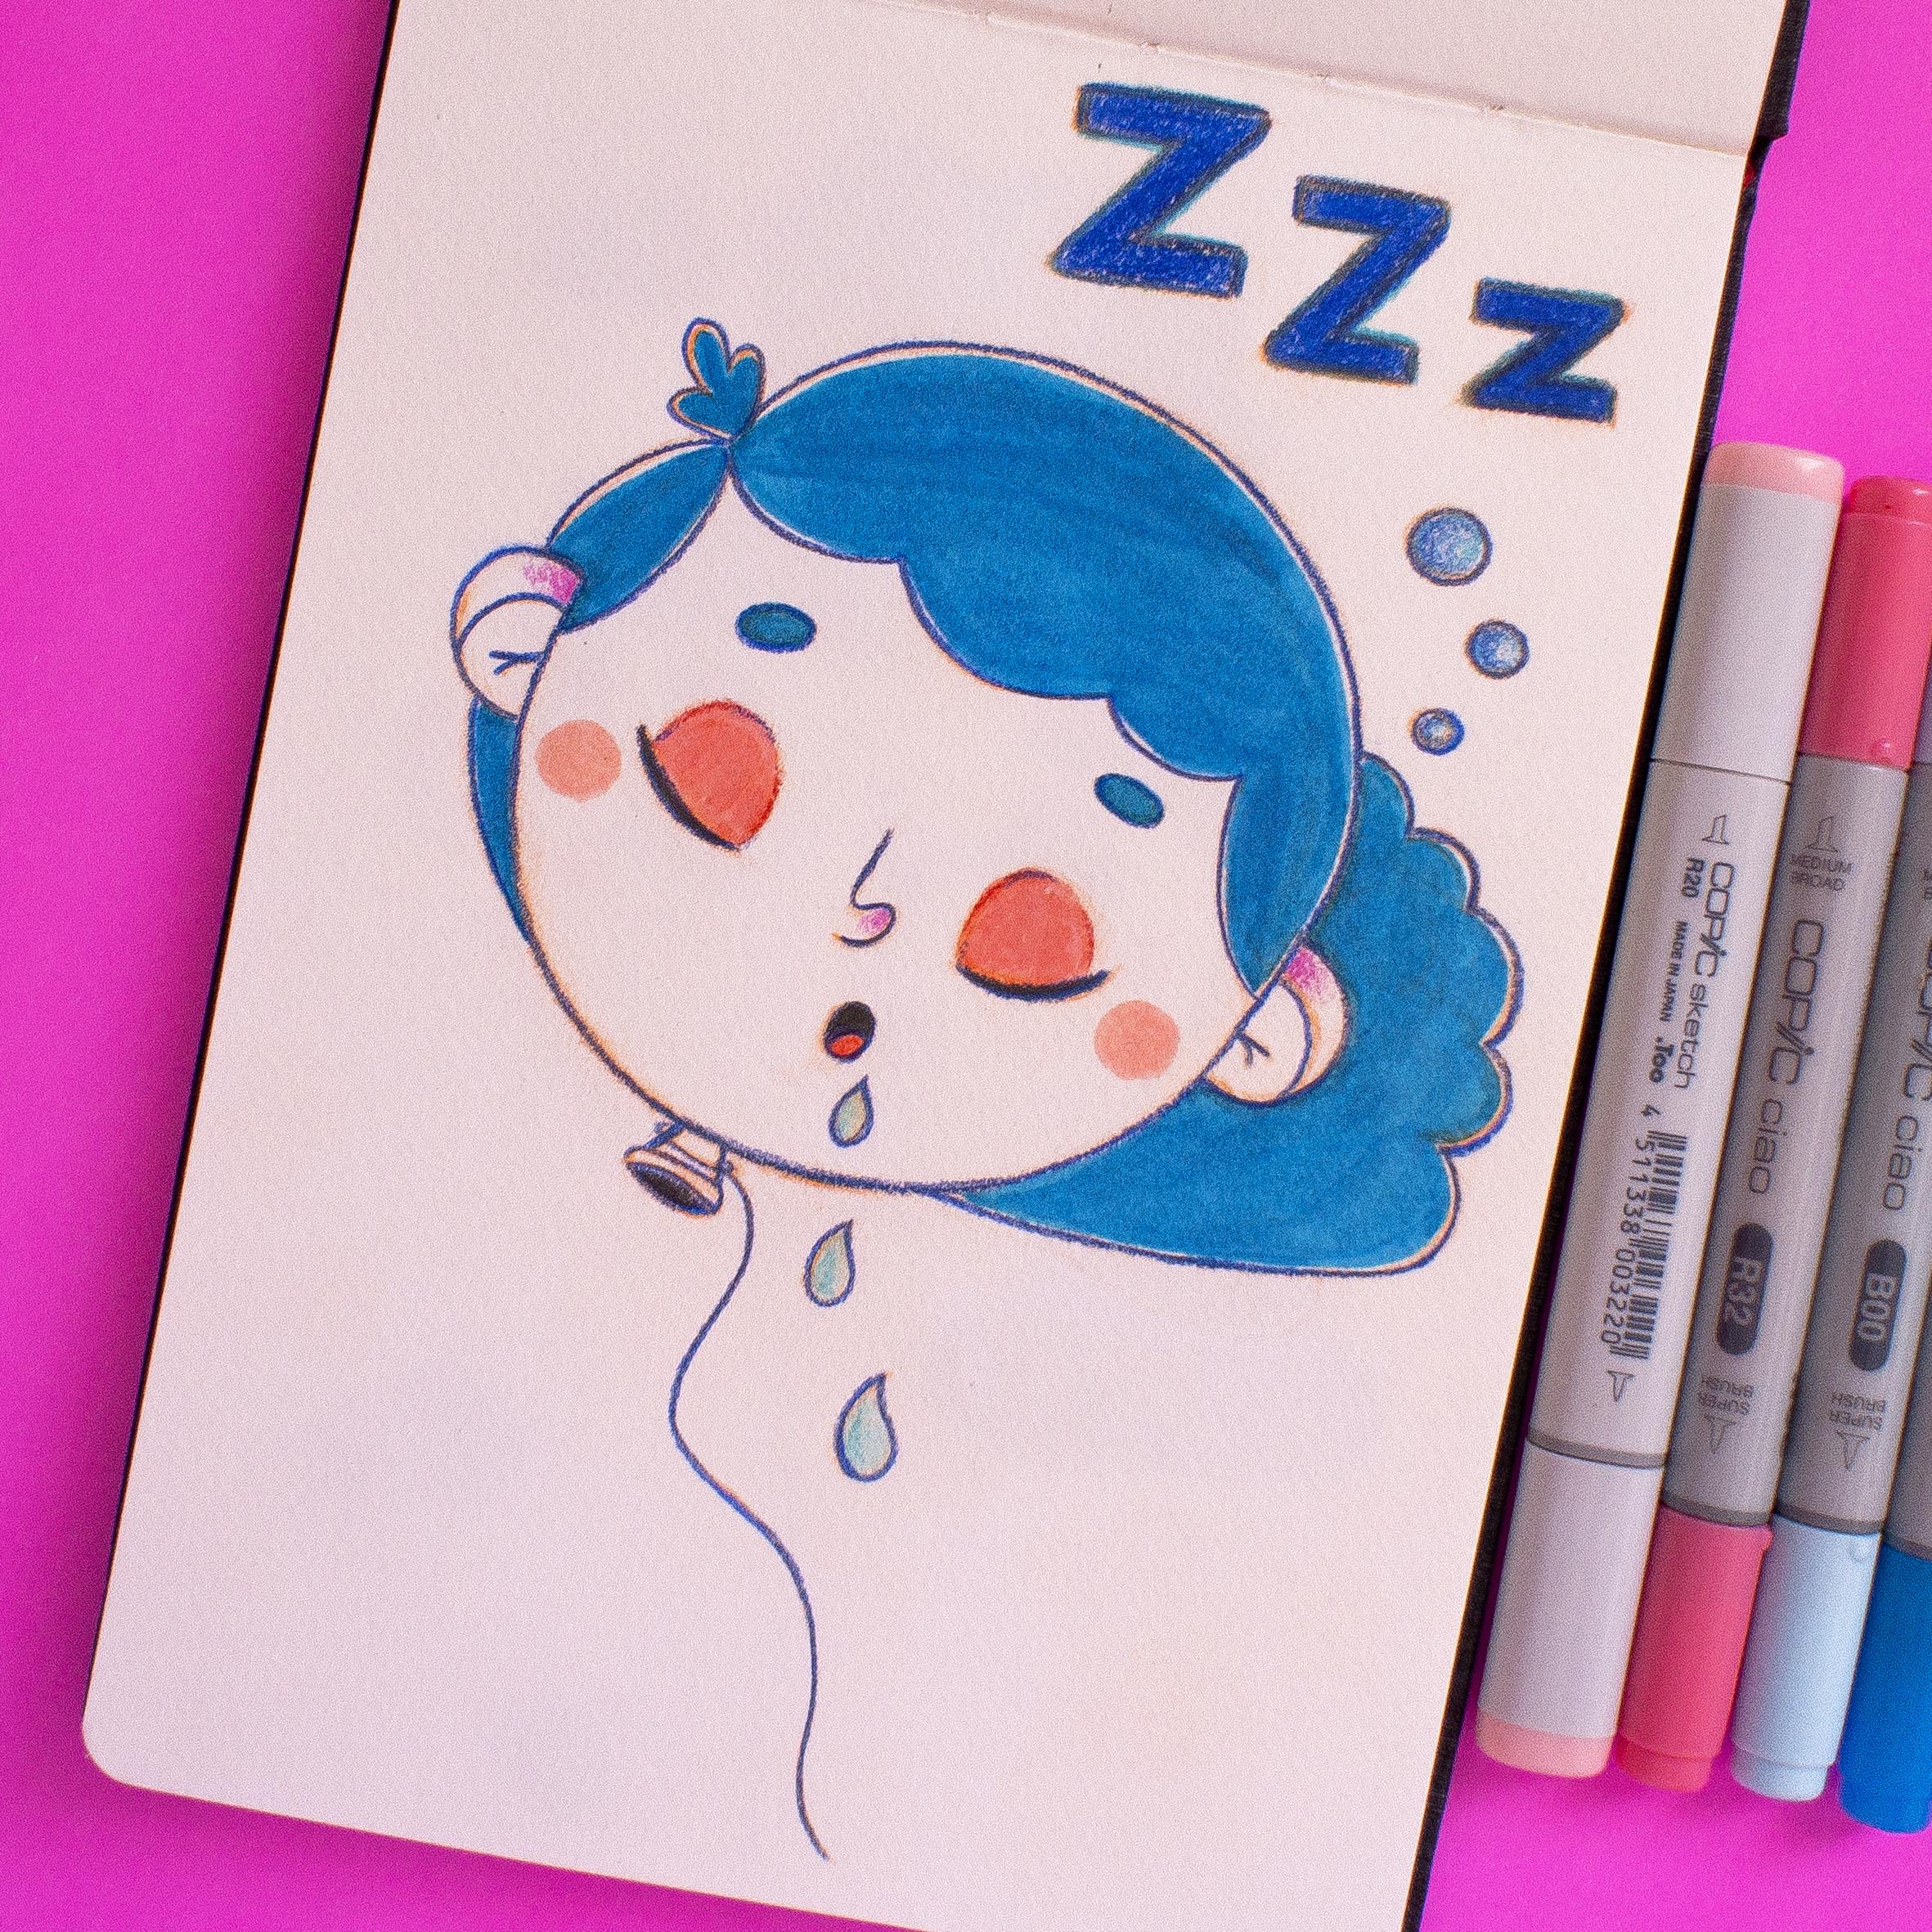 Day 5 - Sleepy